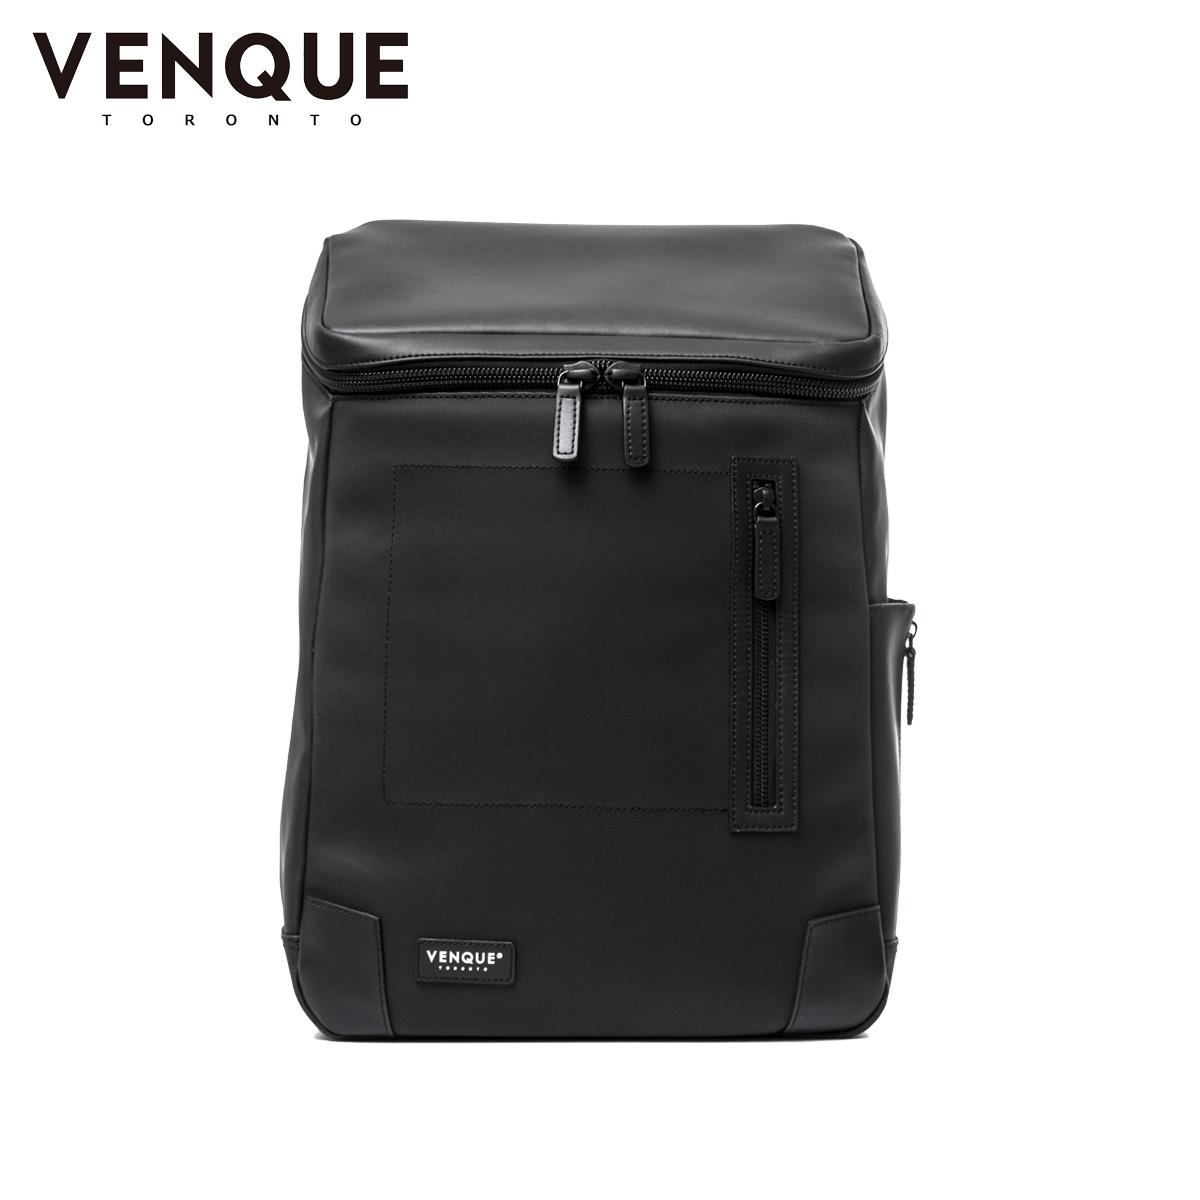 VENQUE AMSTERDAM ヴェンク リュック バッグ バックパック メンズ レディース 18L ブラック 黒